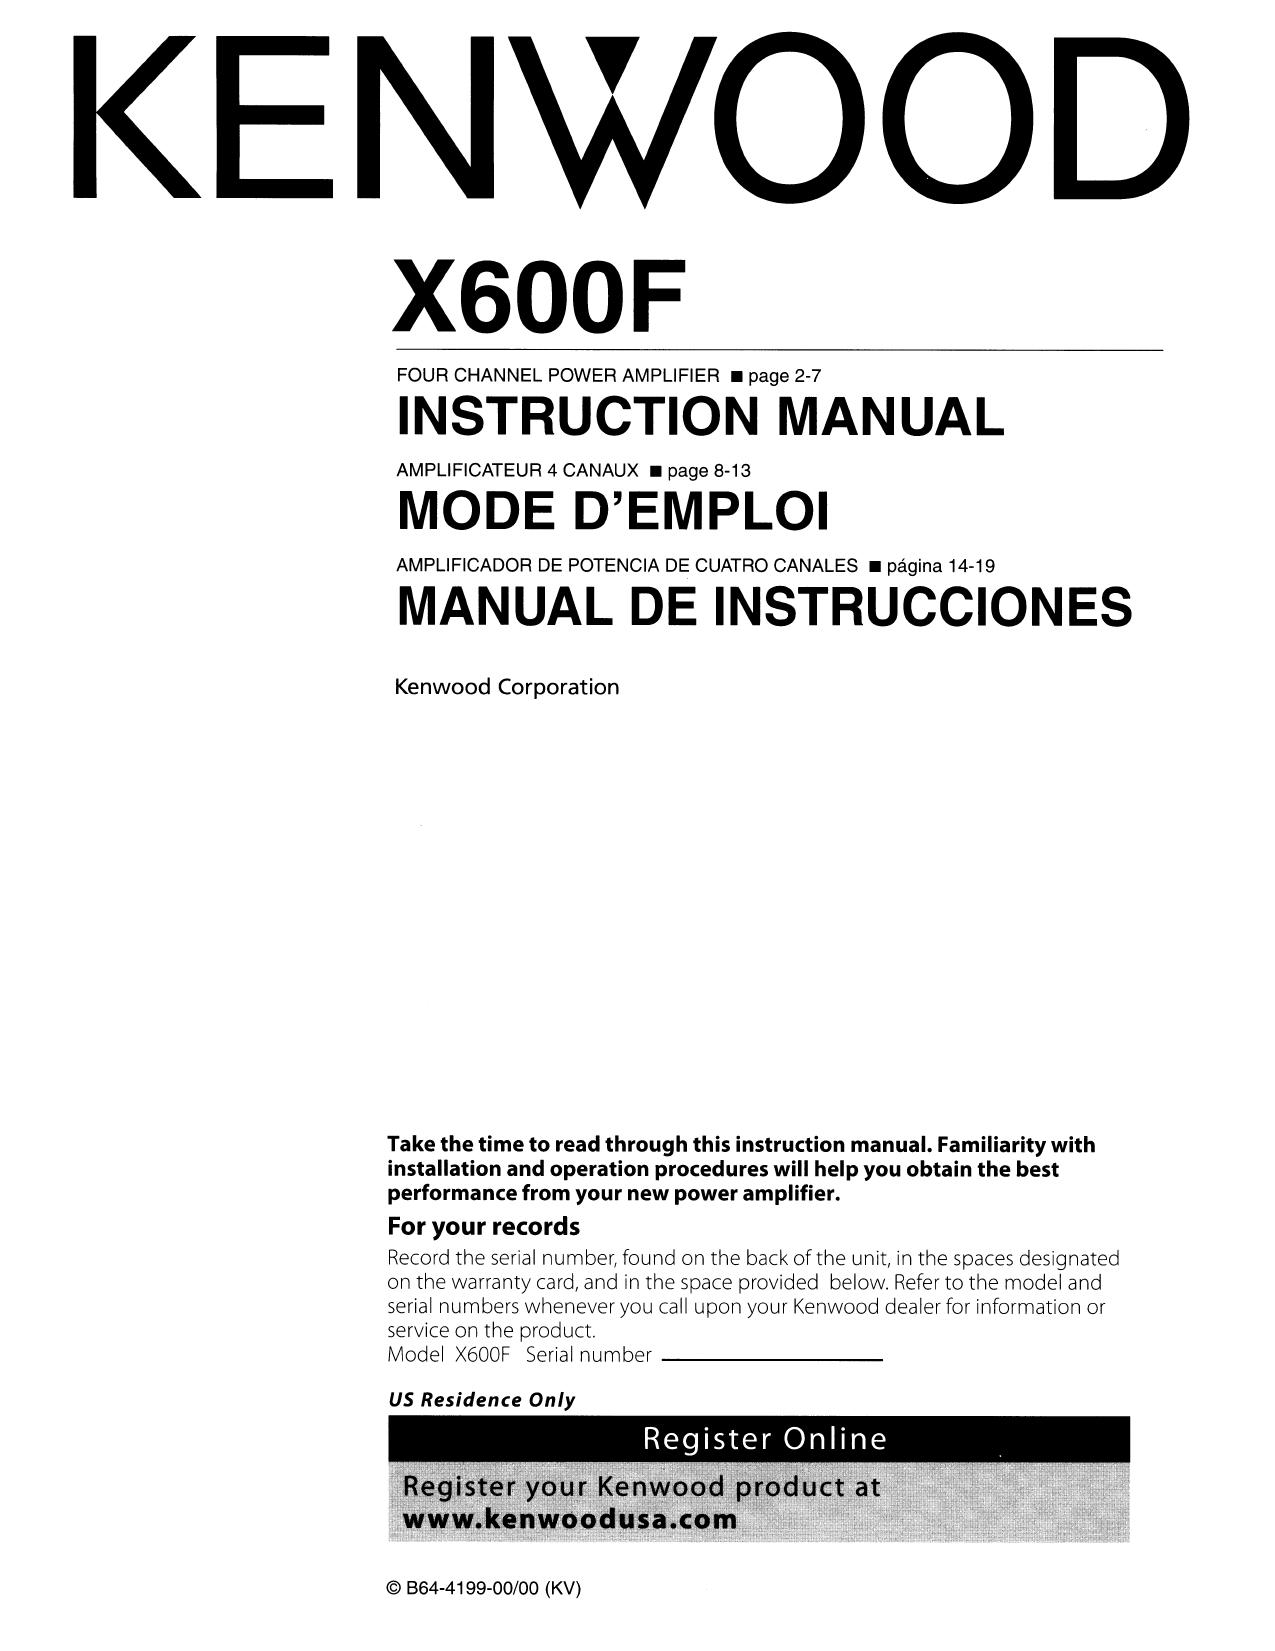 Download free pdf for Kenwood eXcelon X600F Car Amplifier manual – Kenwood Wiring Diagram Pdf